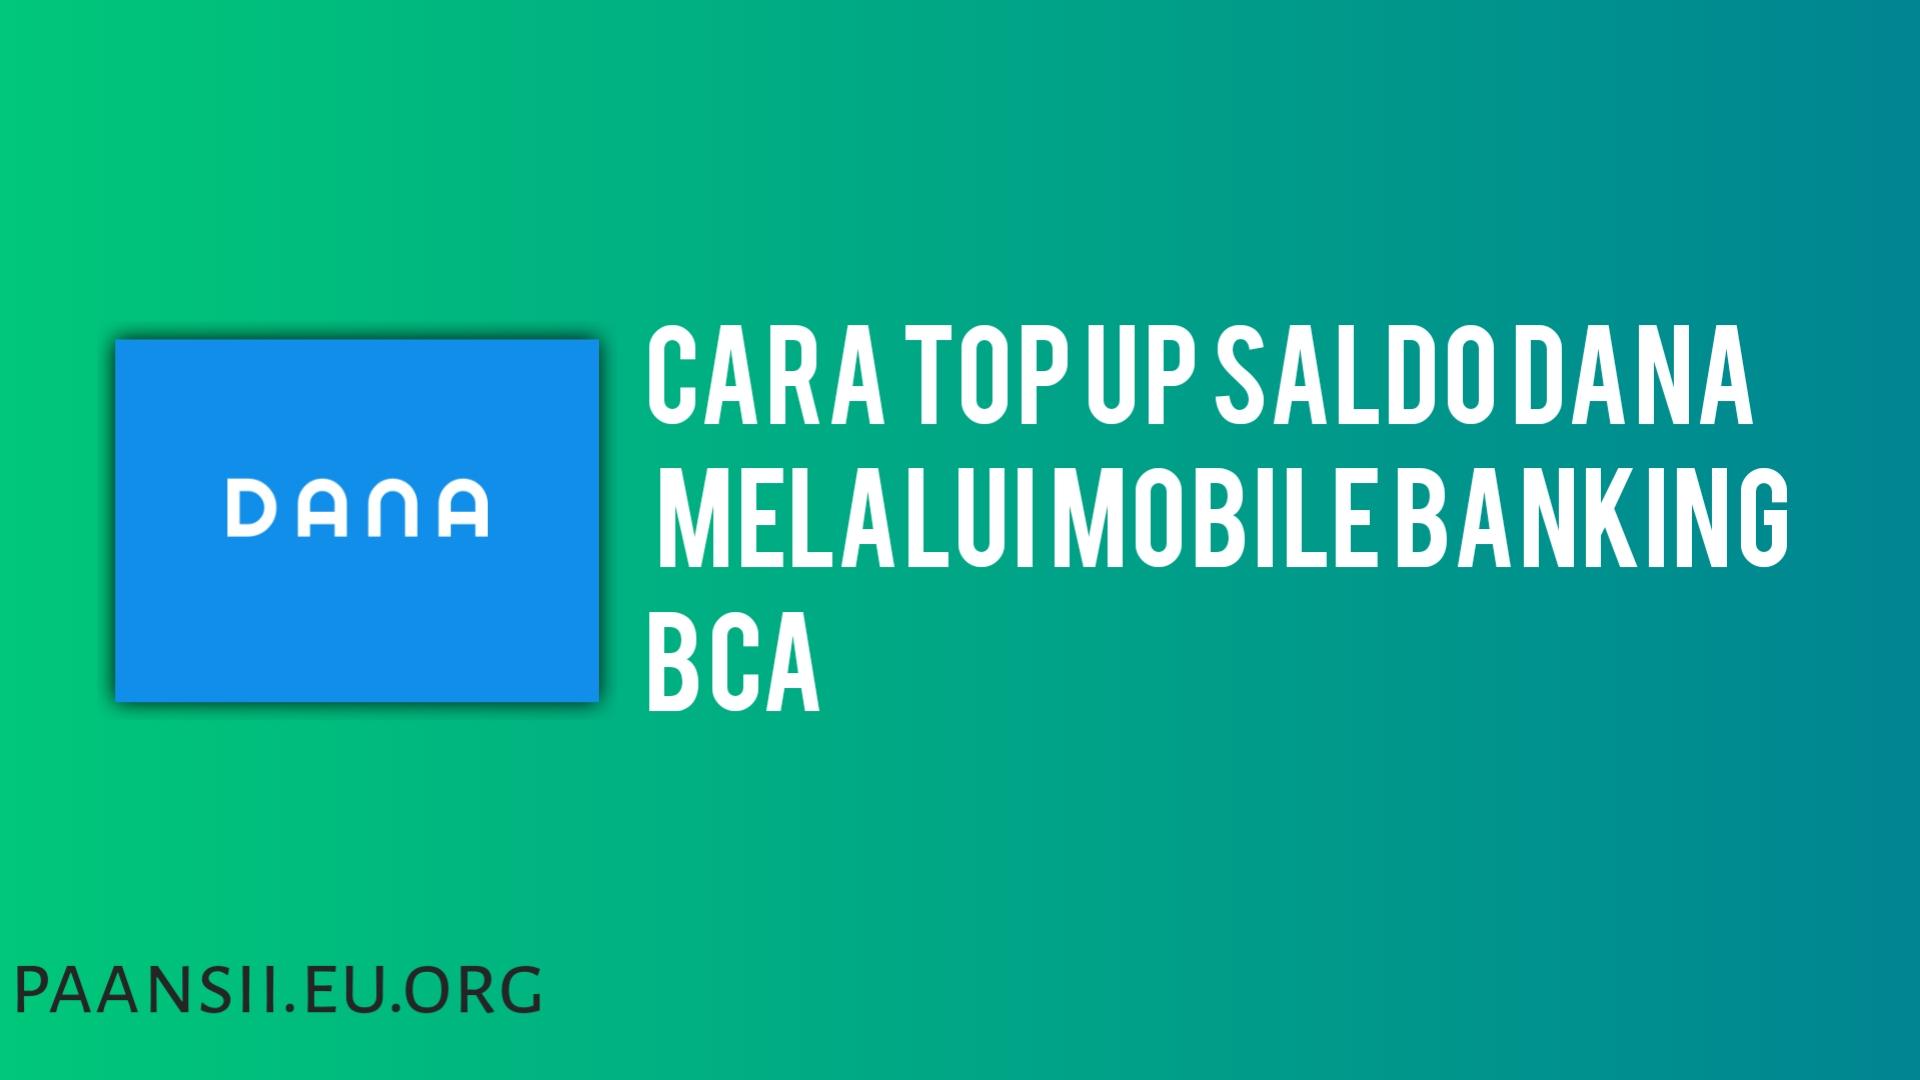 Cara Top Up Saldo Dana Melalui Mobile Banking BCA